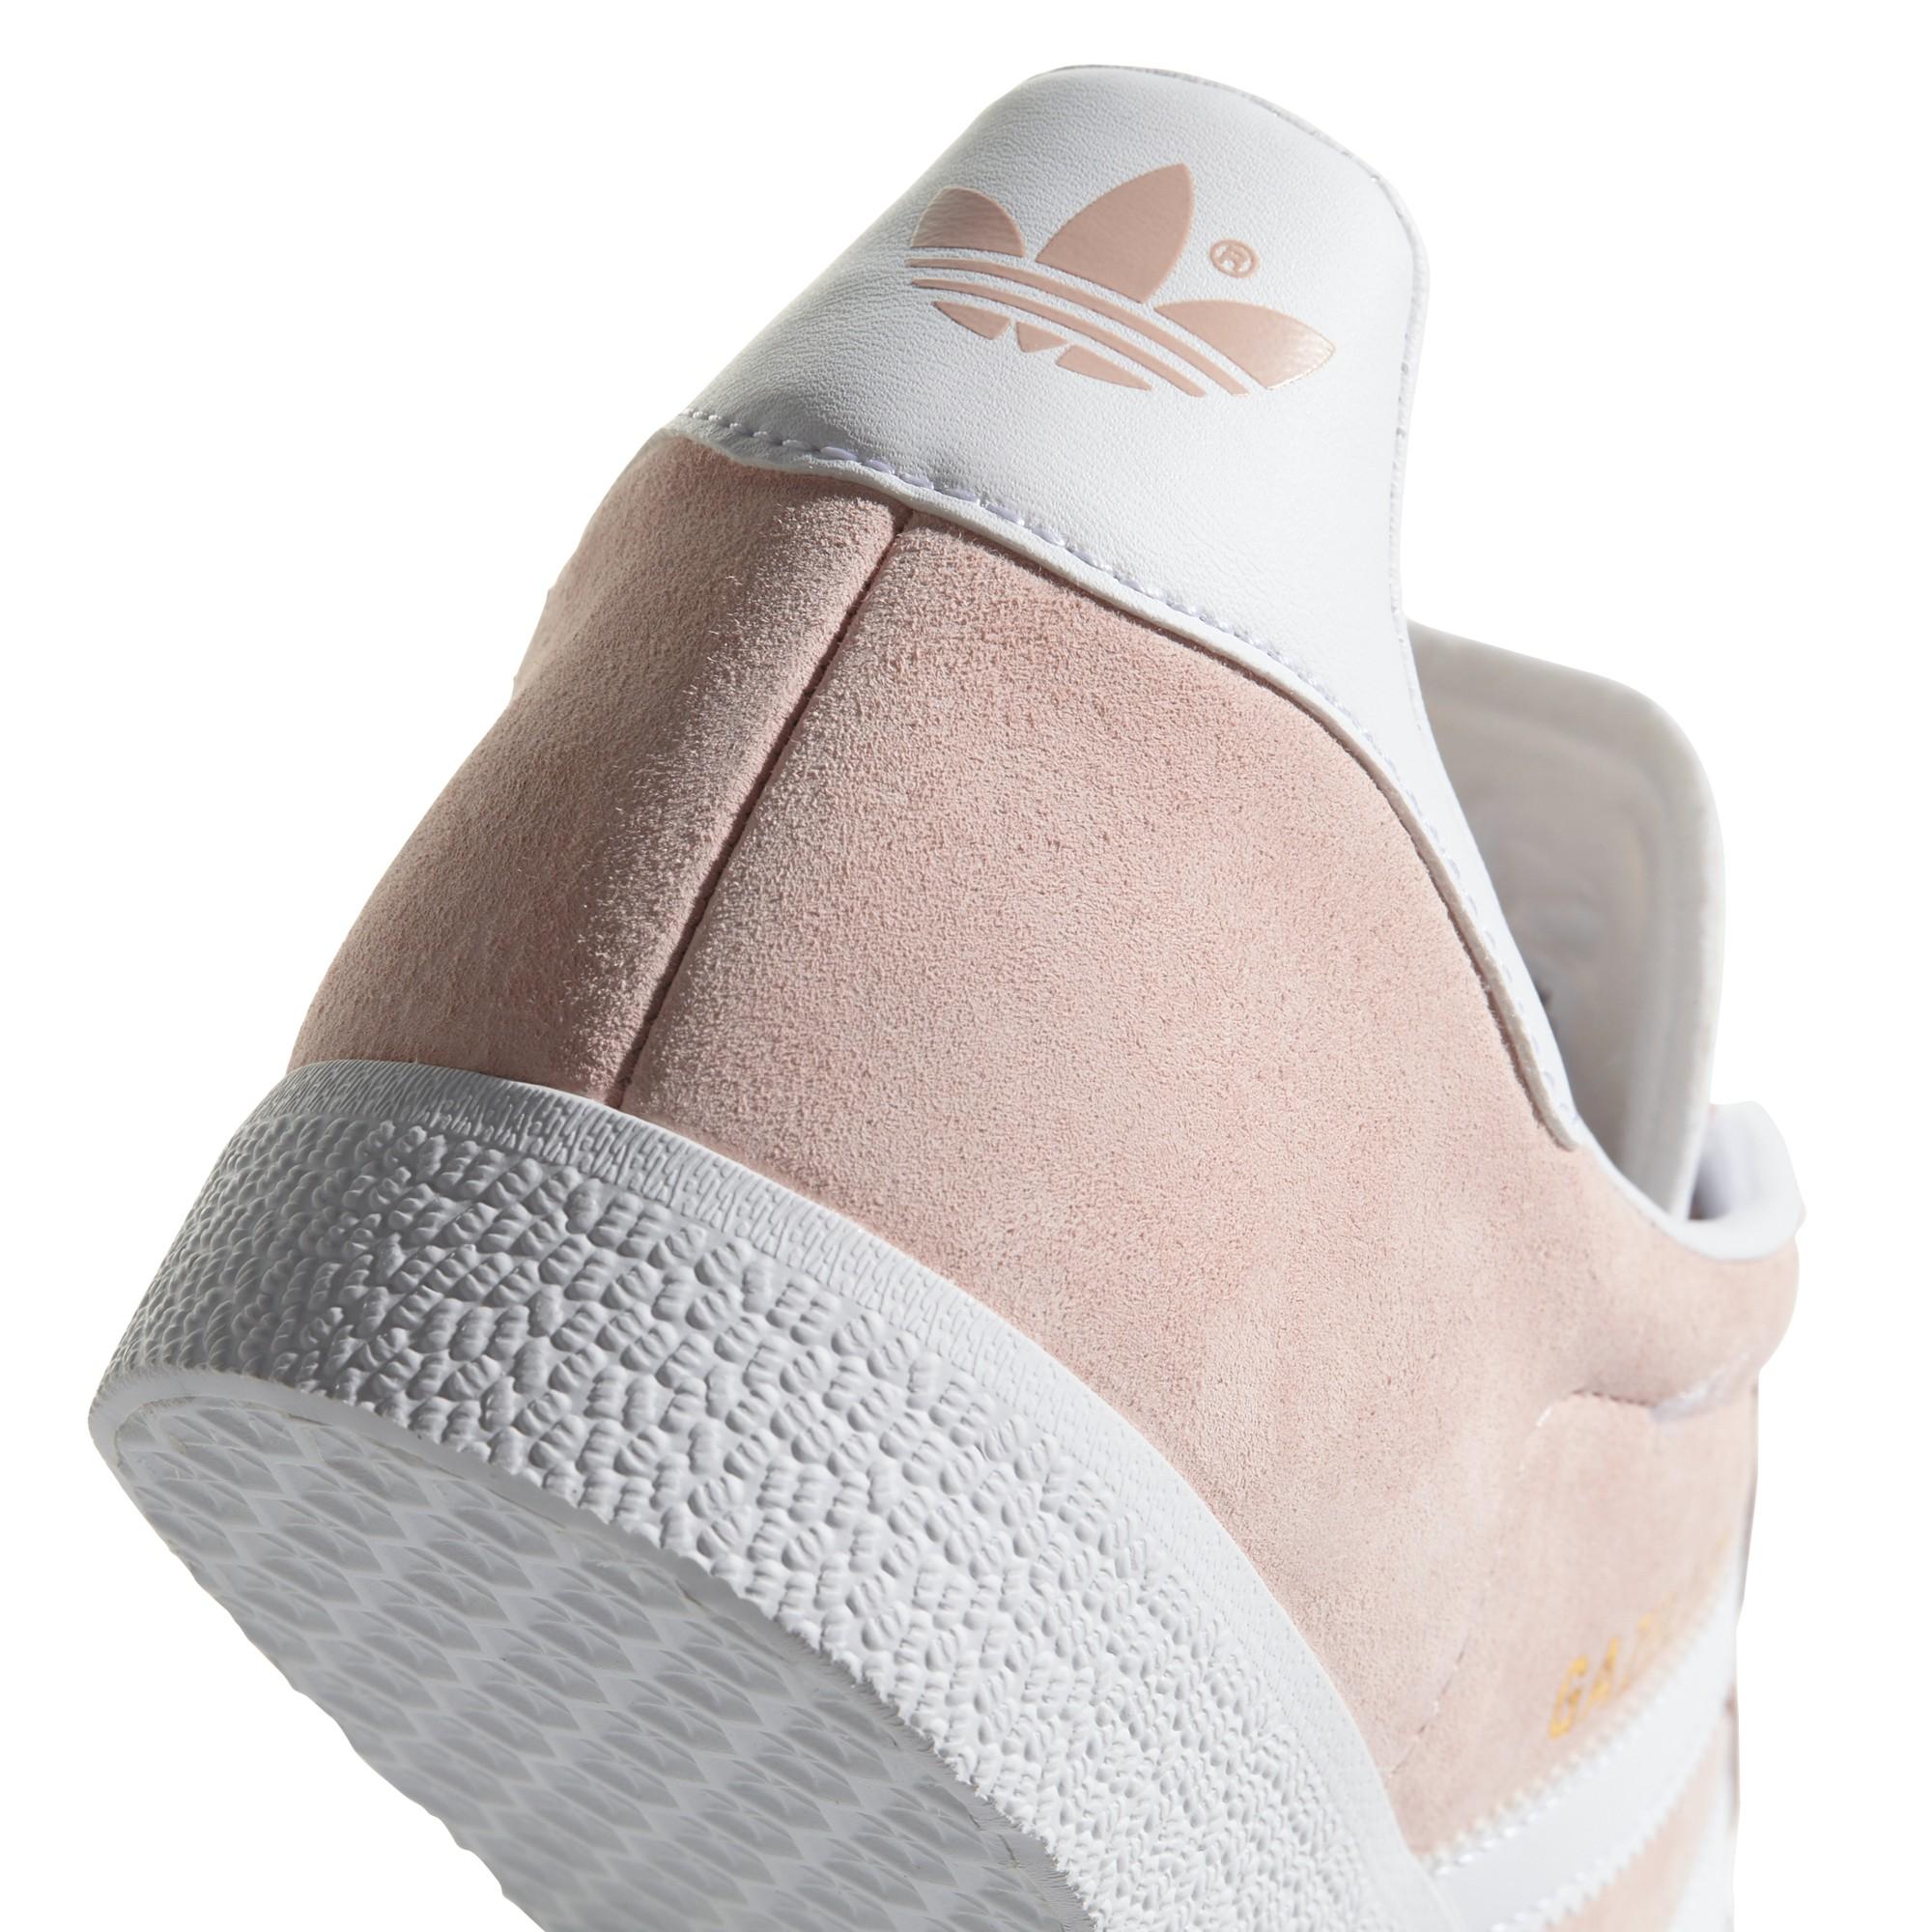 style ADIDAS donna gazelle rosabianco bb5472 acquista su sportshock